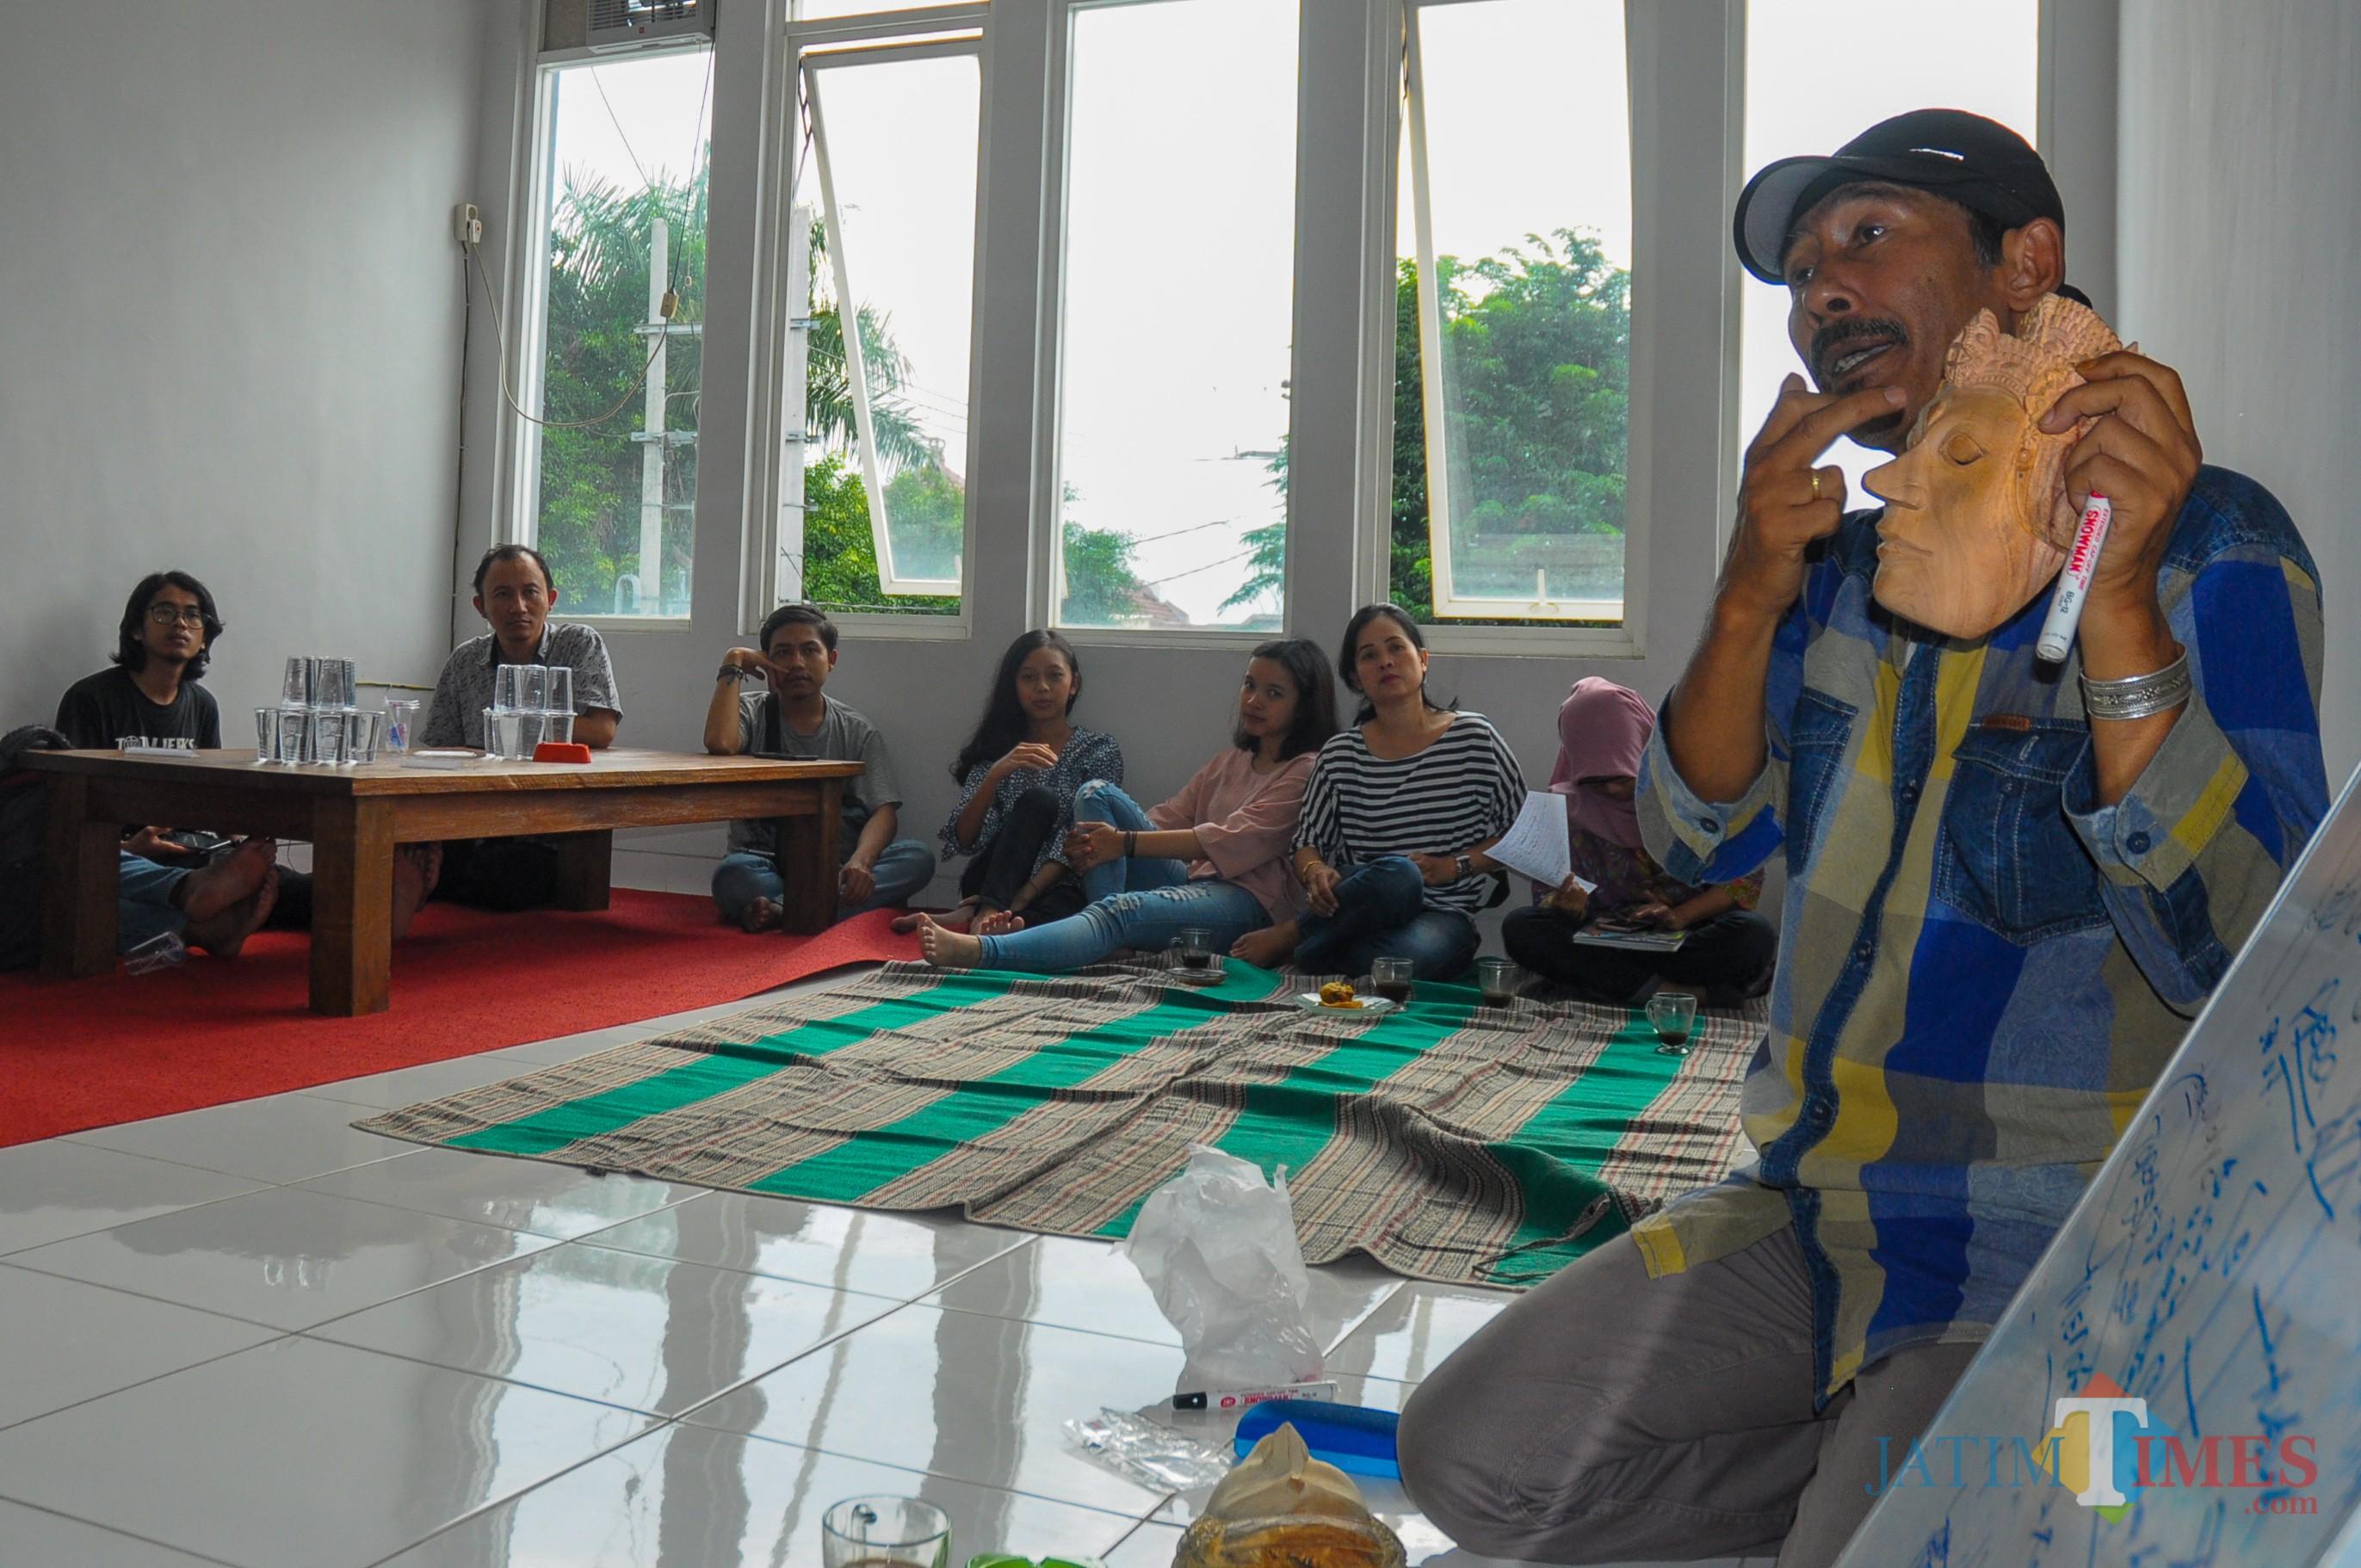 Diwi Cahyono, arkeolog UM, saat memberikan materi tentang topeng kepada pemerhati budaya dan para remaja. (Luqmanul Hakim/Malang Times)